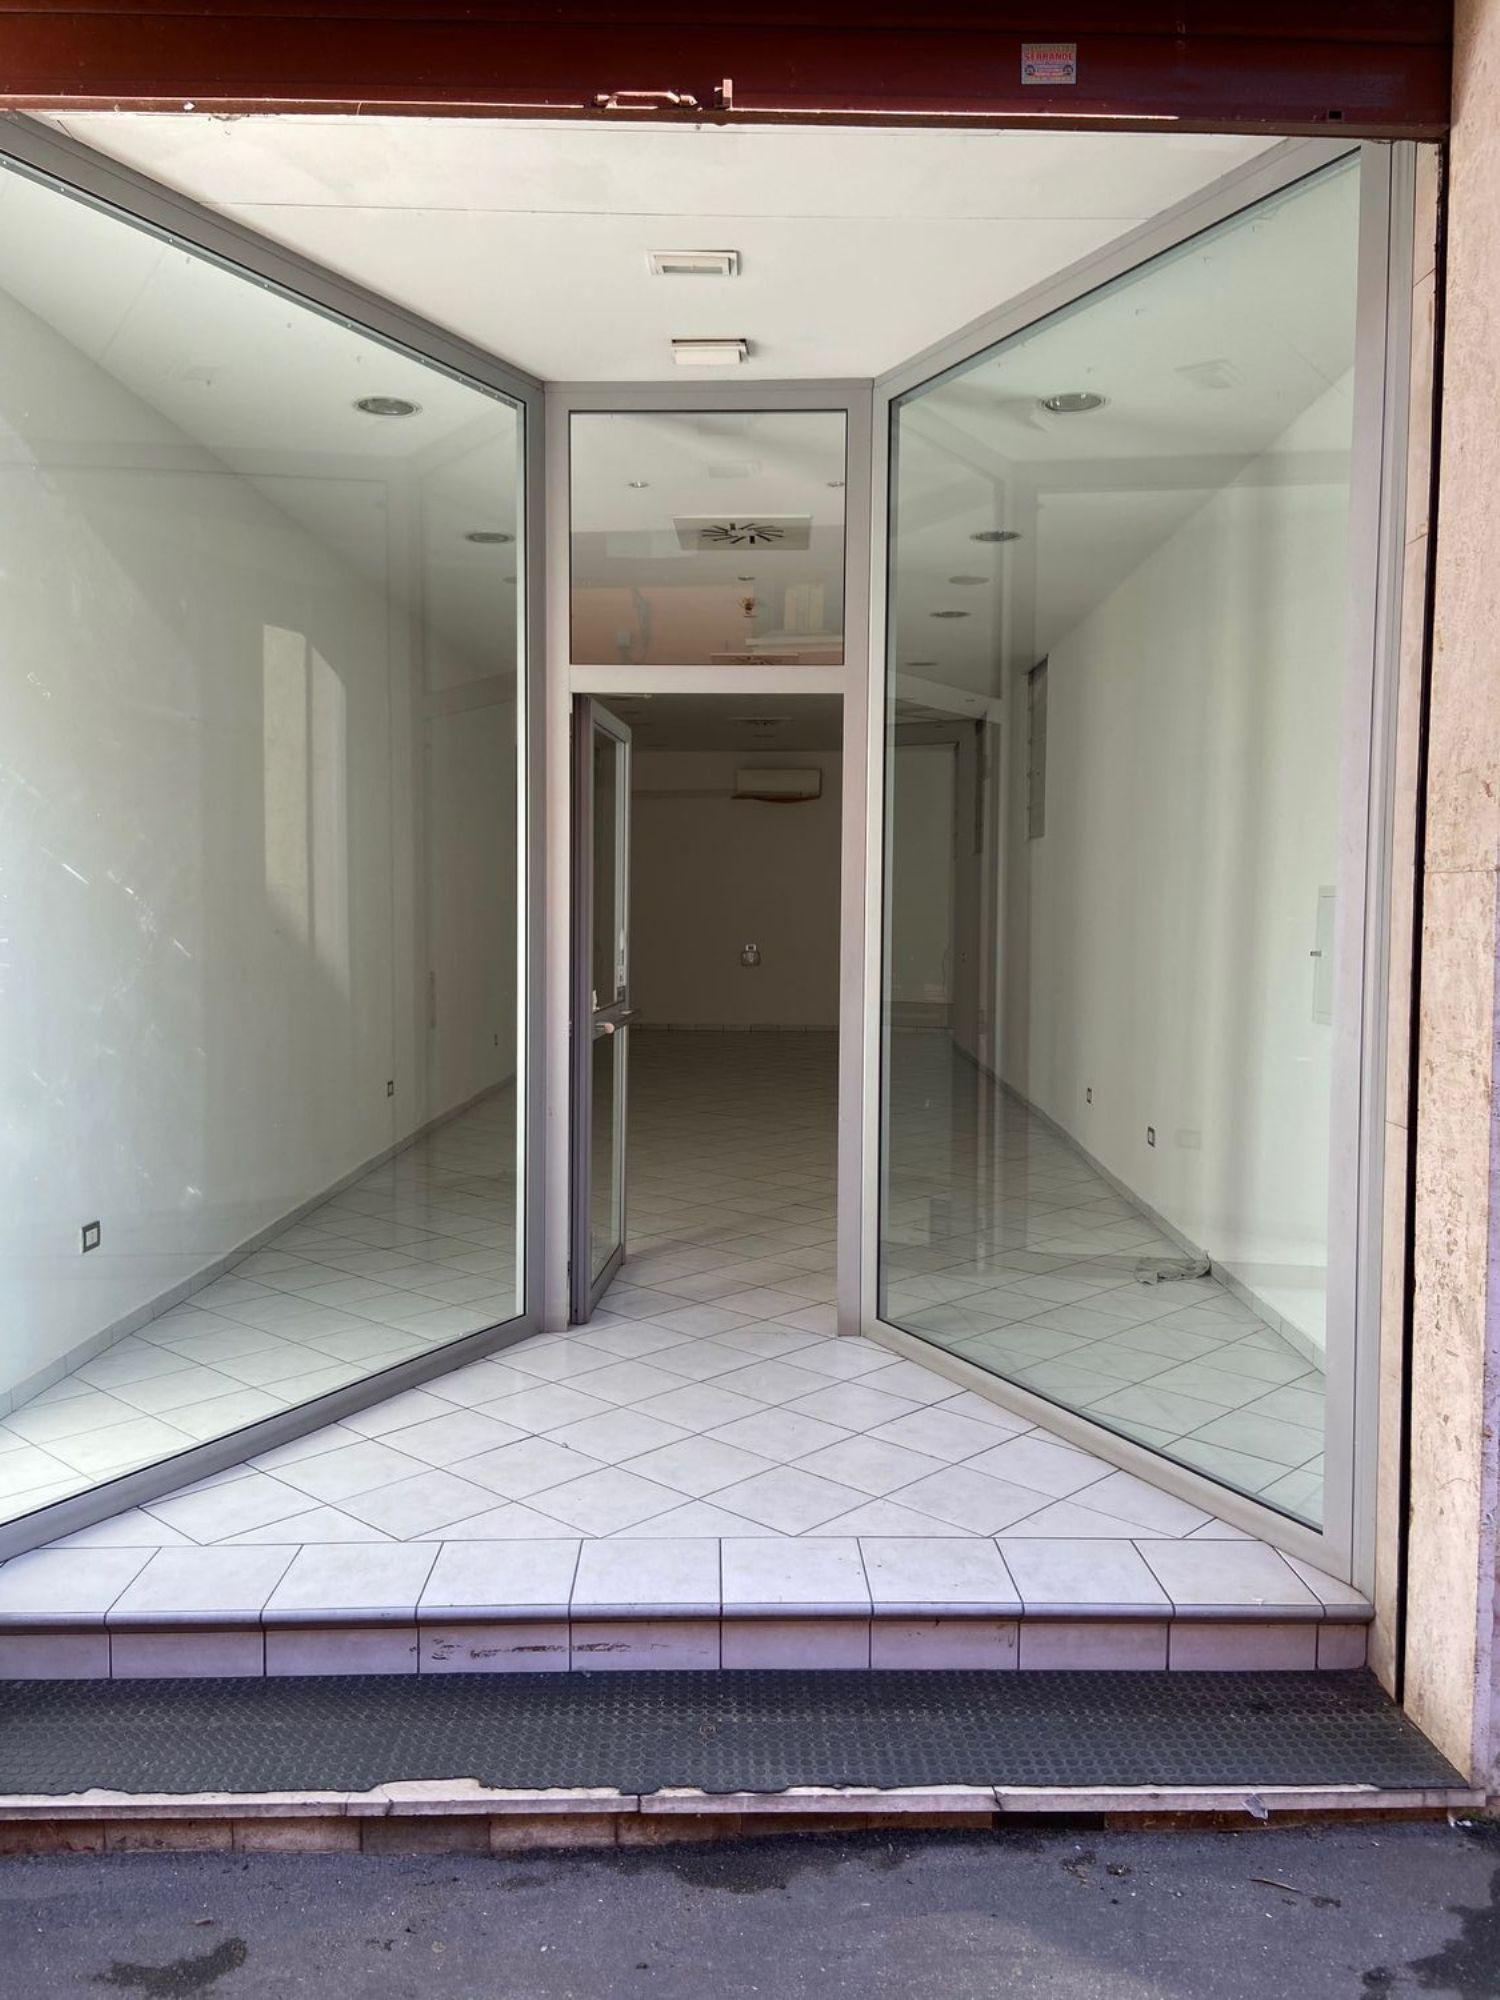 Immobile Commerciale in affitto a San Giovanni in Persiceto, 9999 locali, prezzo € 1.100   CambioCasa.it